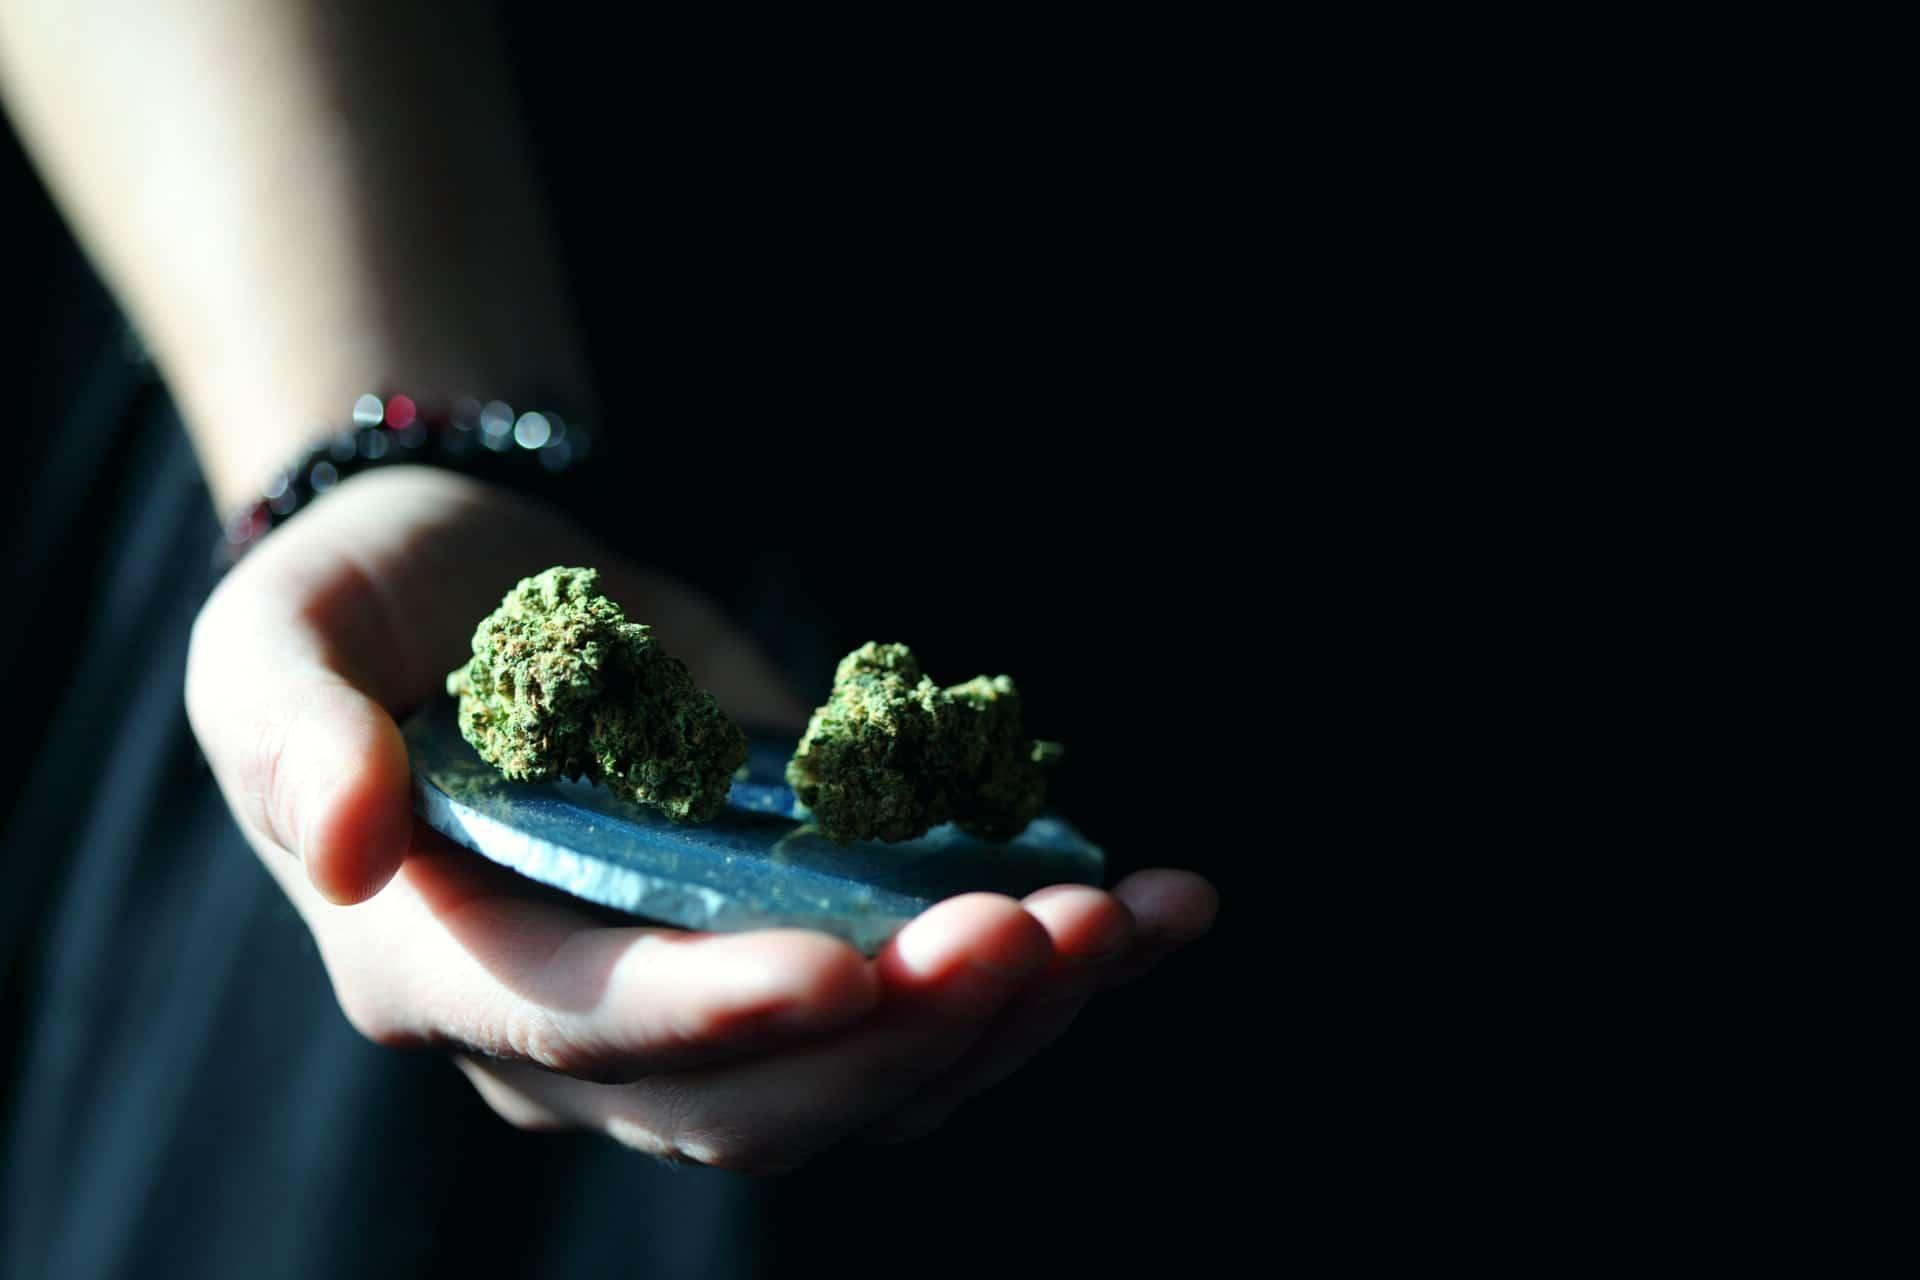 Nación Cannabis | Consumidores de cannabis buscan bienestar emocional